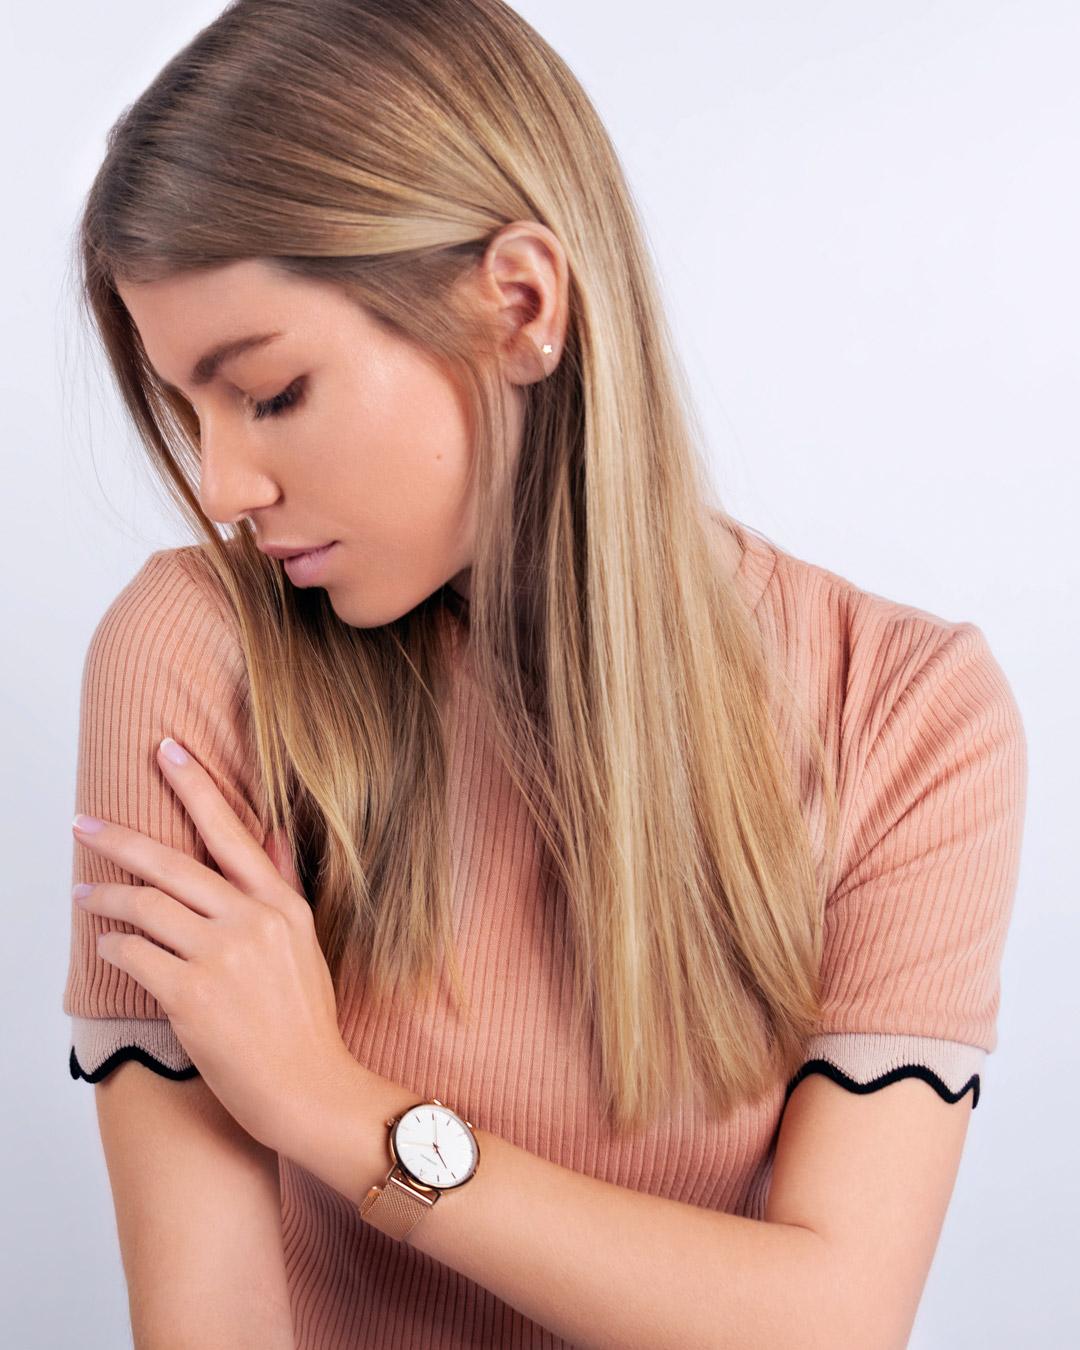 lace watch - fashion model